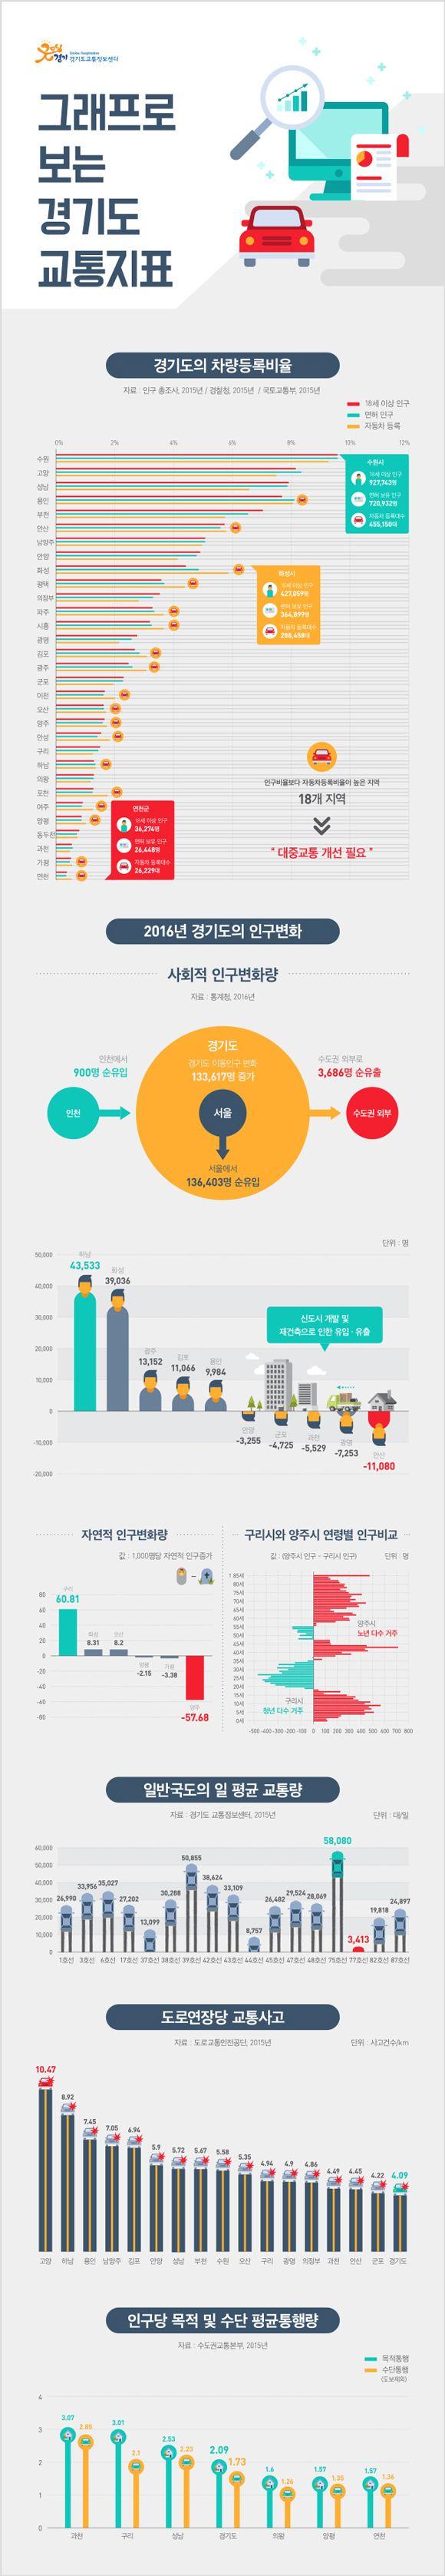 [Infographic] '그래프로 보는 경기도 교통지표'에 대한 인포그래픽